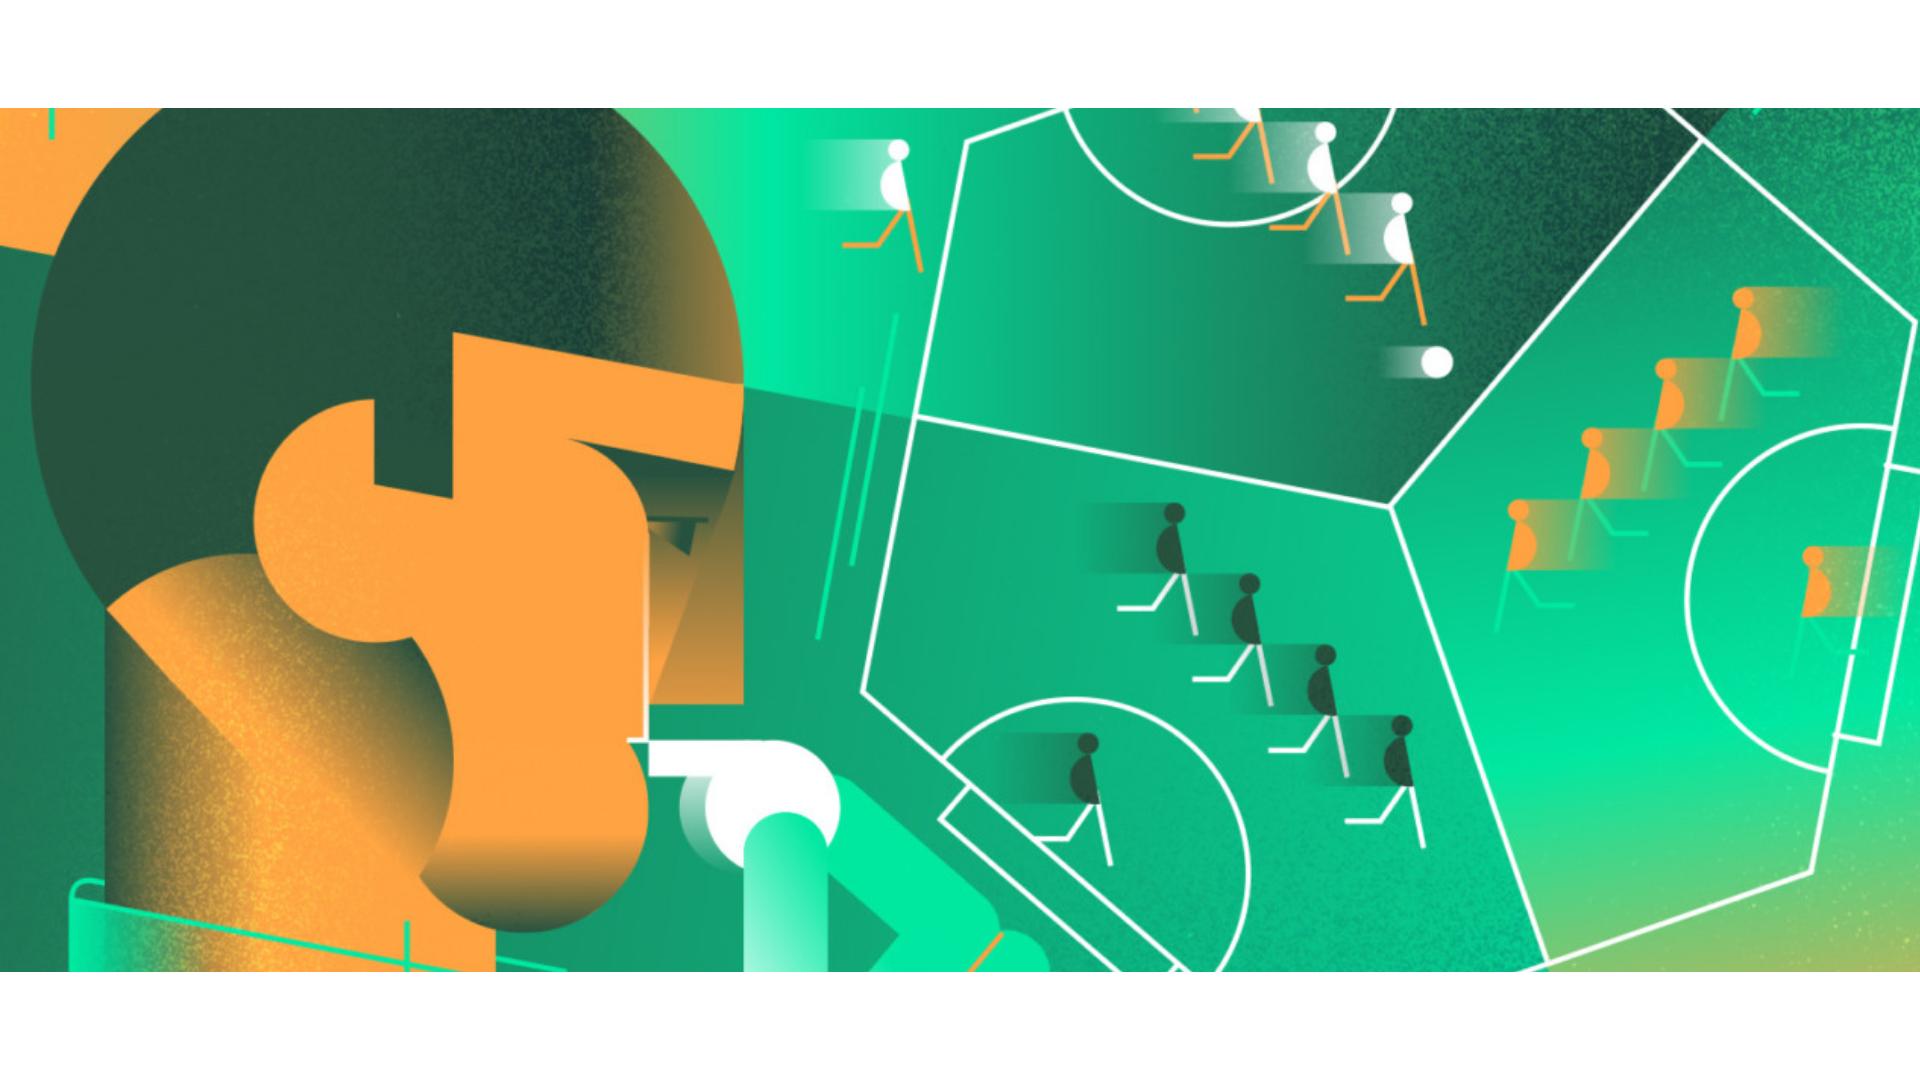 Futbol kültürü için kullanılmış bir görsel.